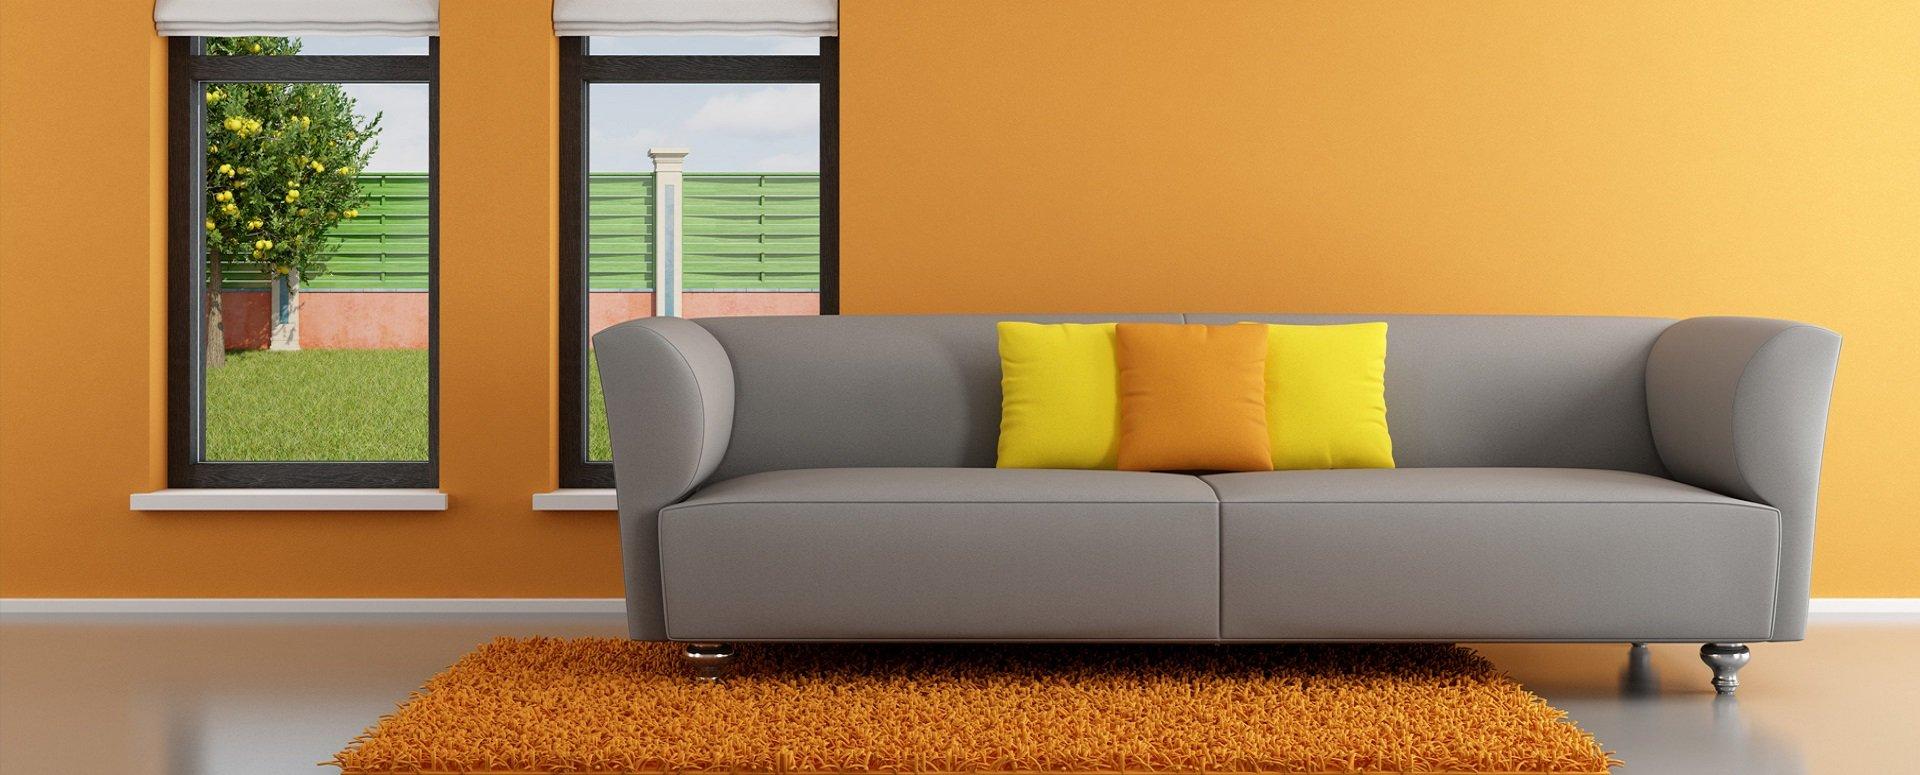 entreprise r novation maison prix devis groupe egr. Black Bedroom Furniture Sets. Home Design Ideas